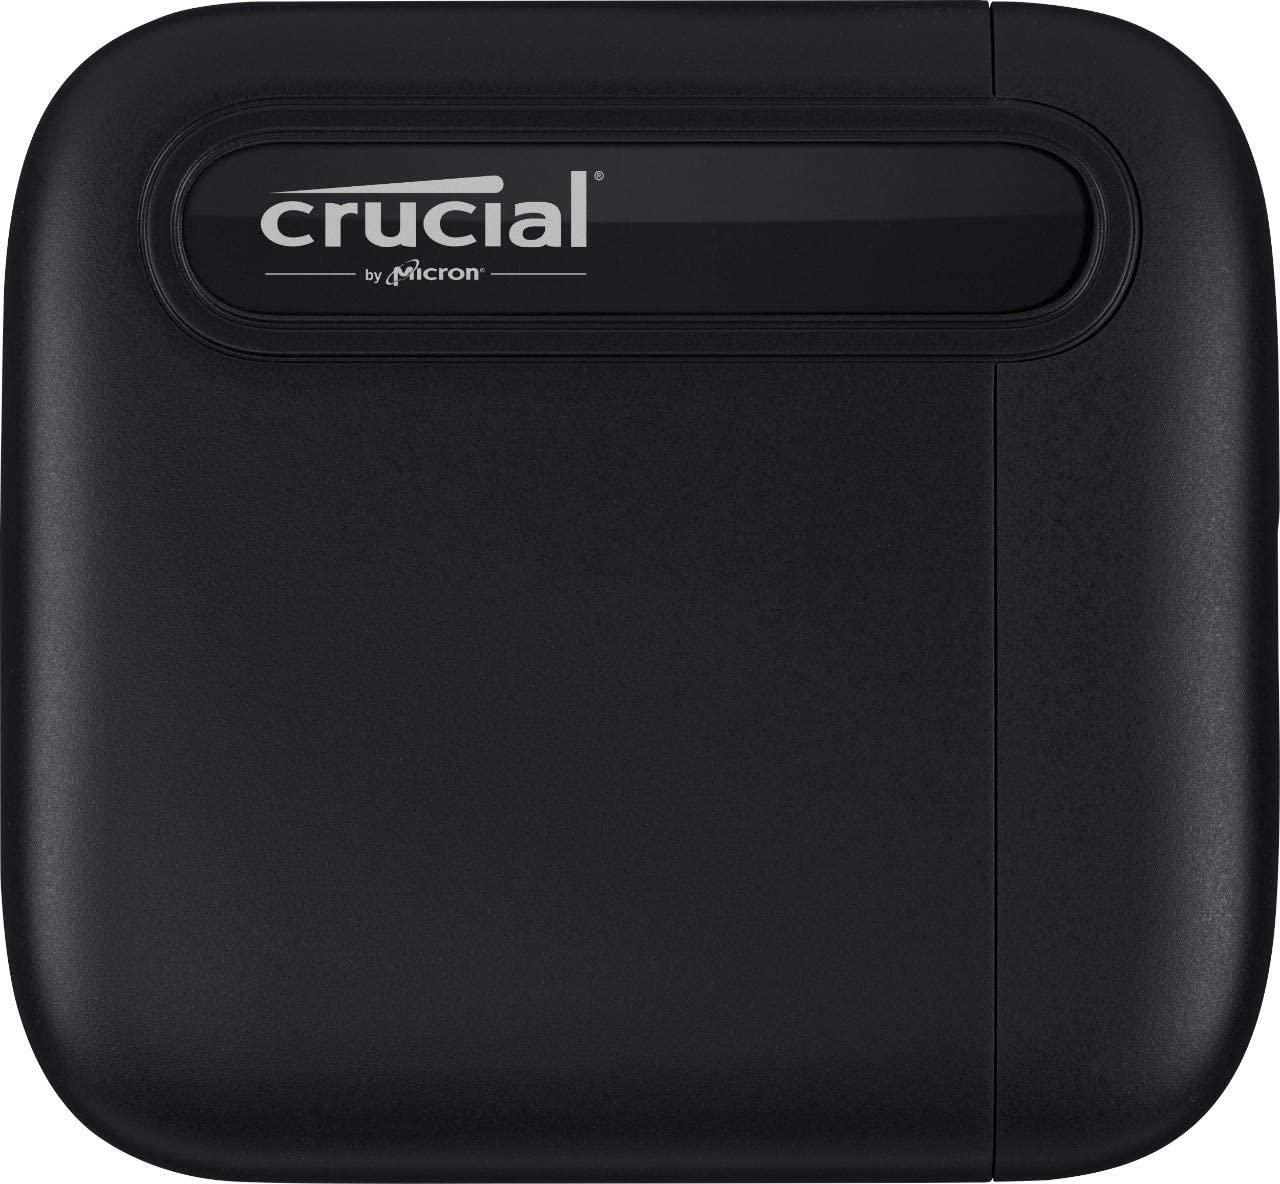 Crucial X6 2tb